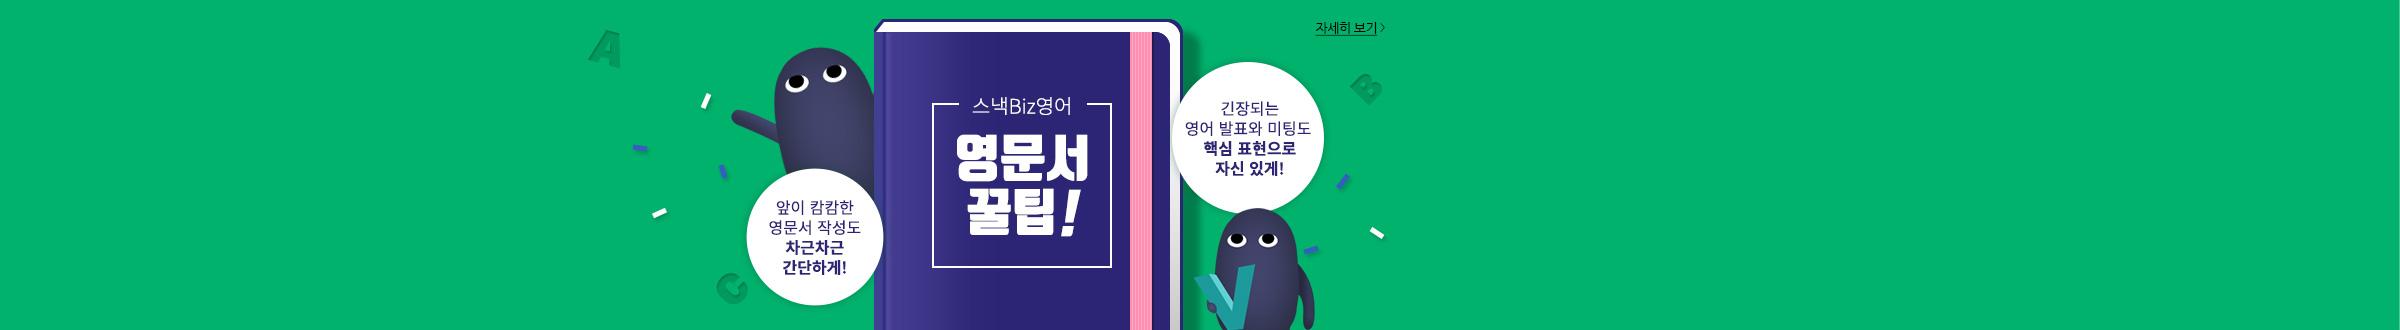 스낵Biz영어_영문서 꿀팁!